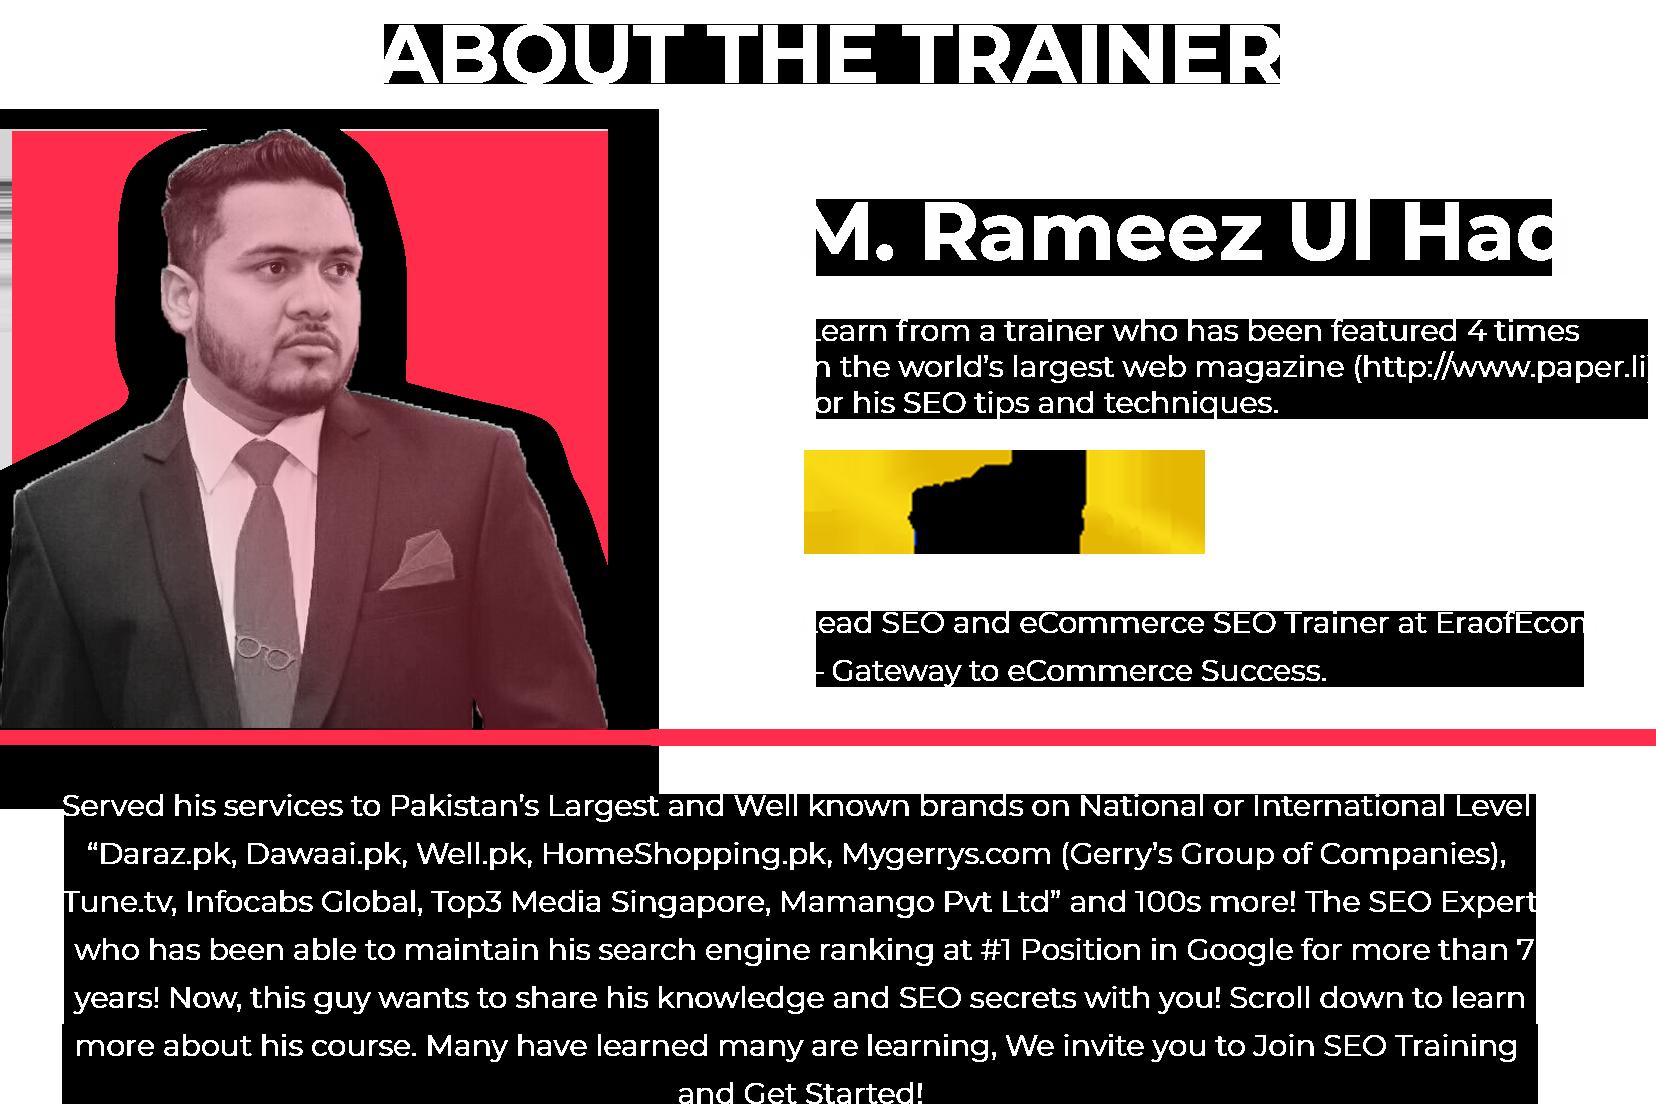 rameez-ul-haq-seo-trainer-karachi